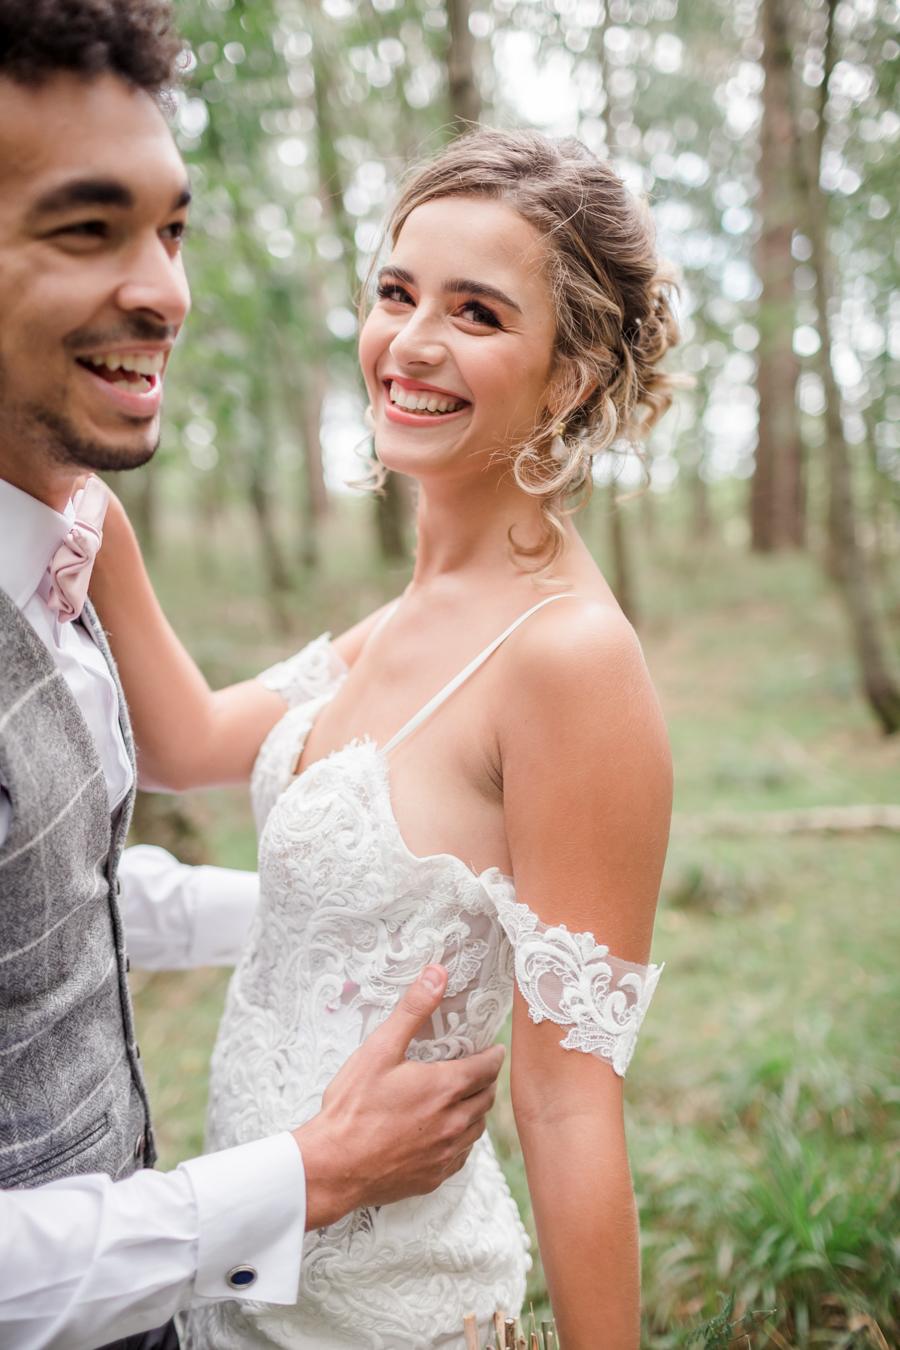 Hertfordshire Boho Themed Styled Wedding Shoot, photographer credit Absolute Photo UK (41)